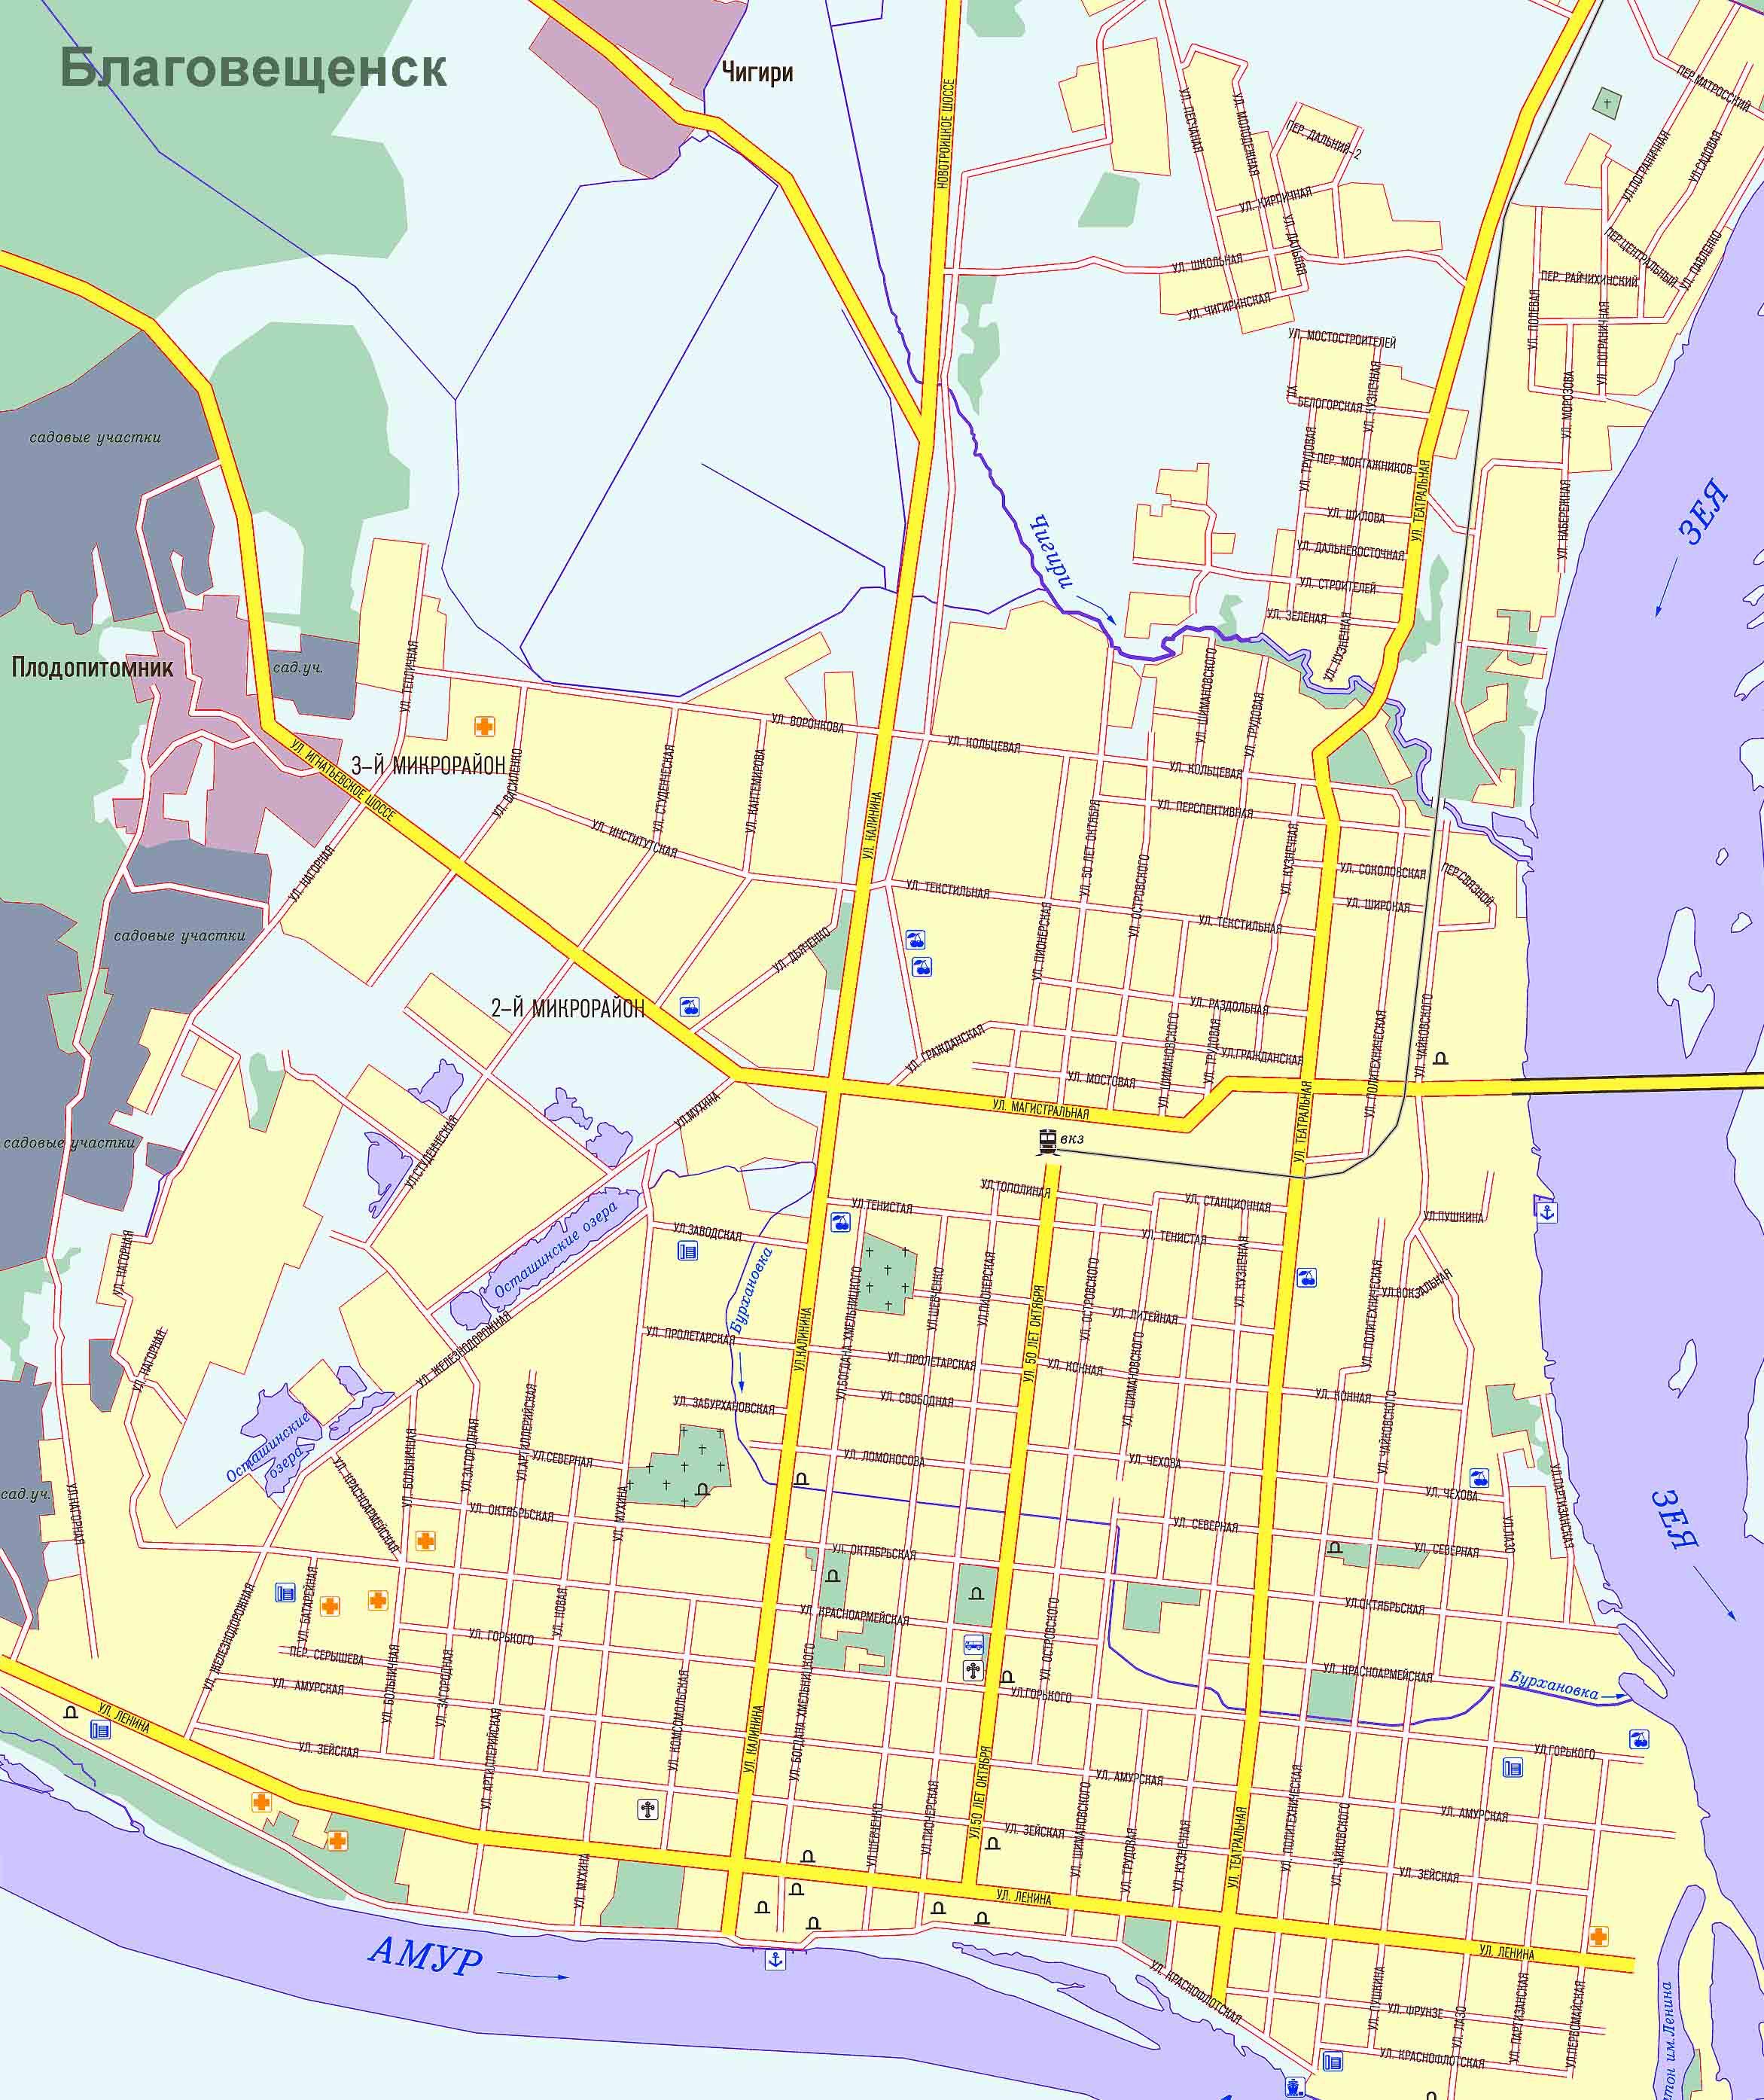 Карта Нового Уренгоя подробная: районы, названия